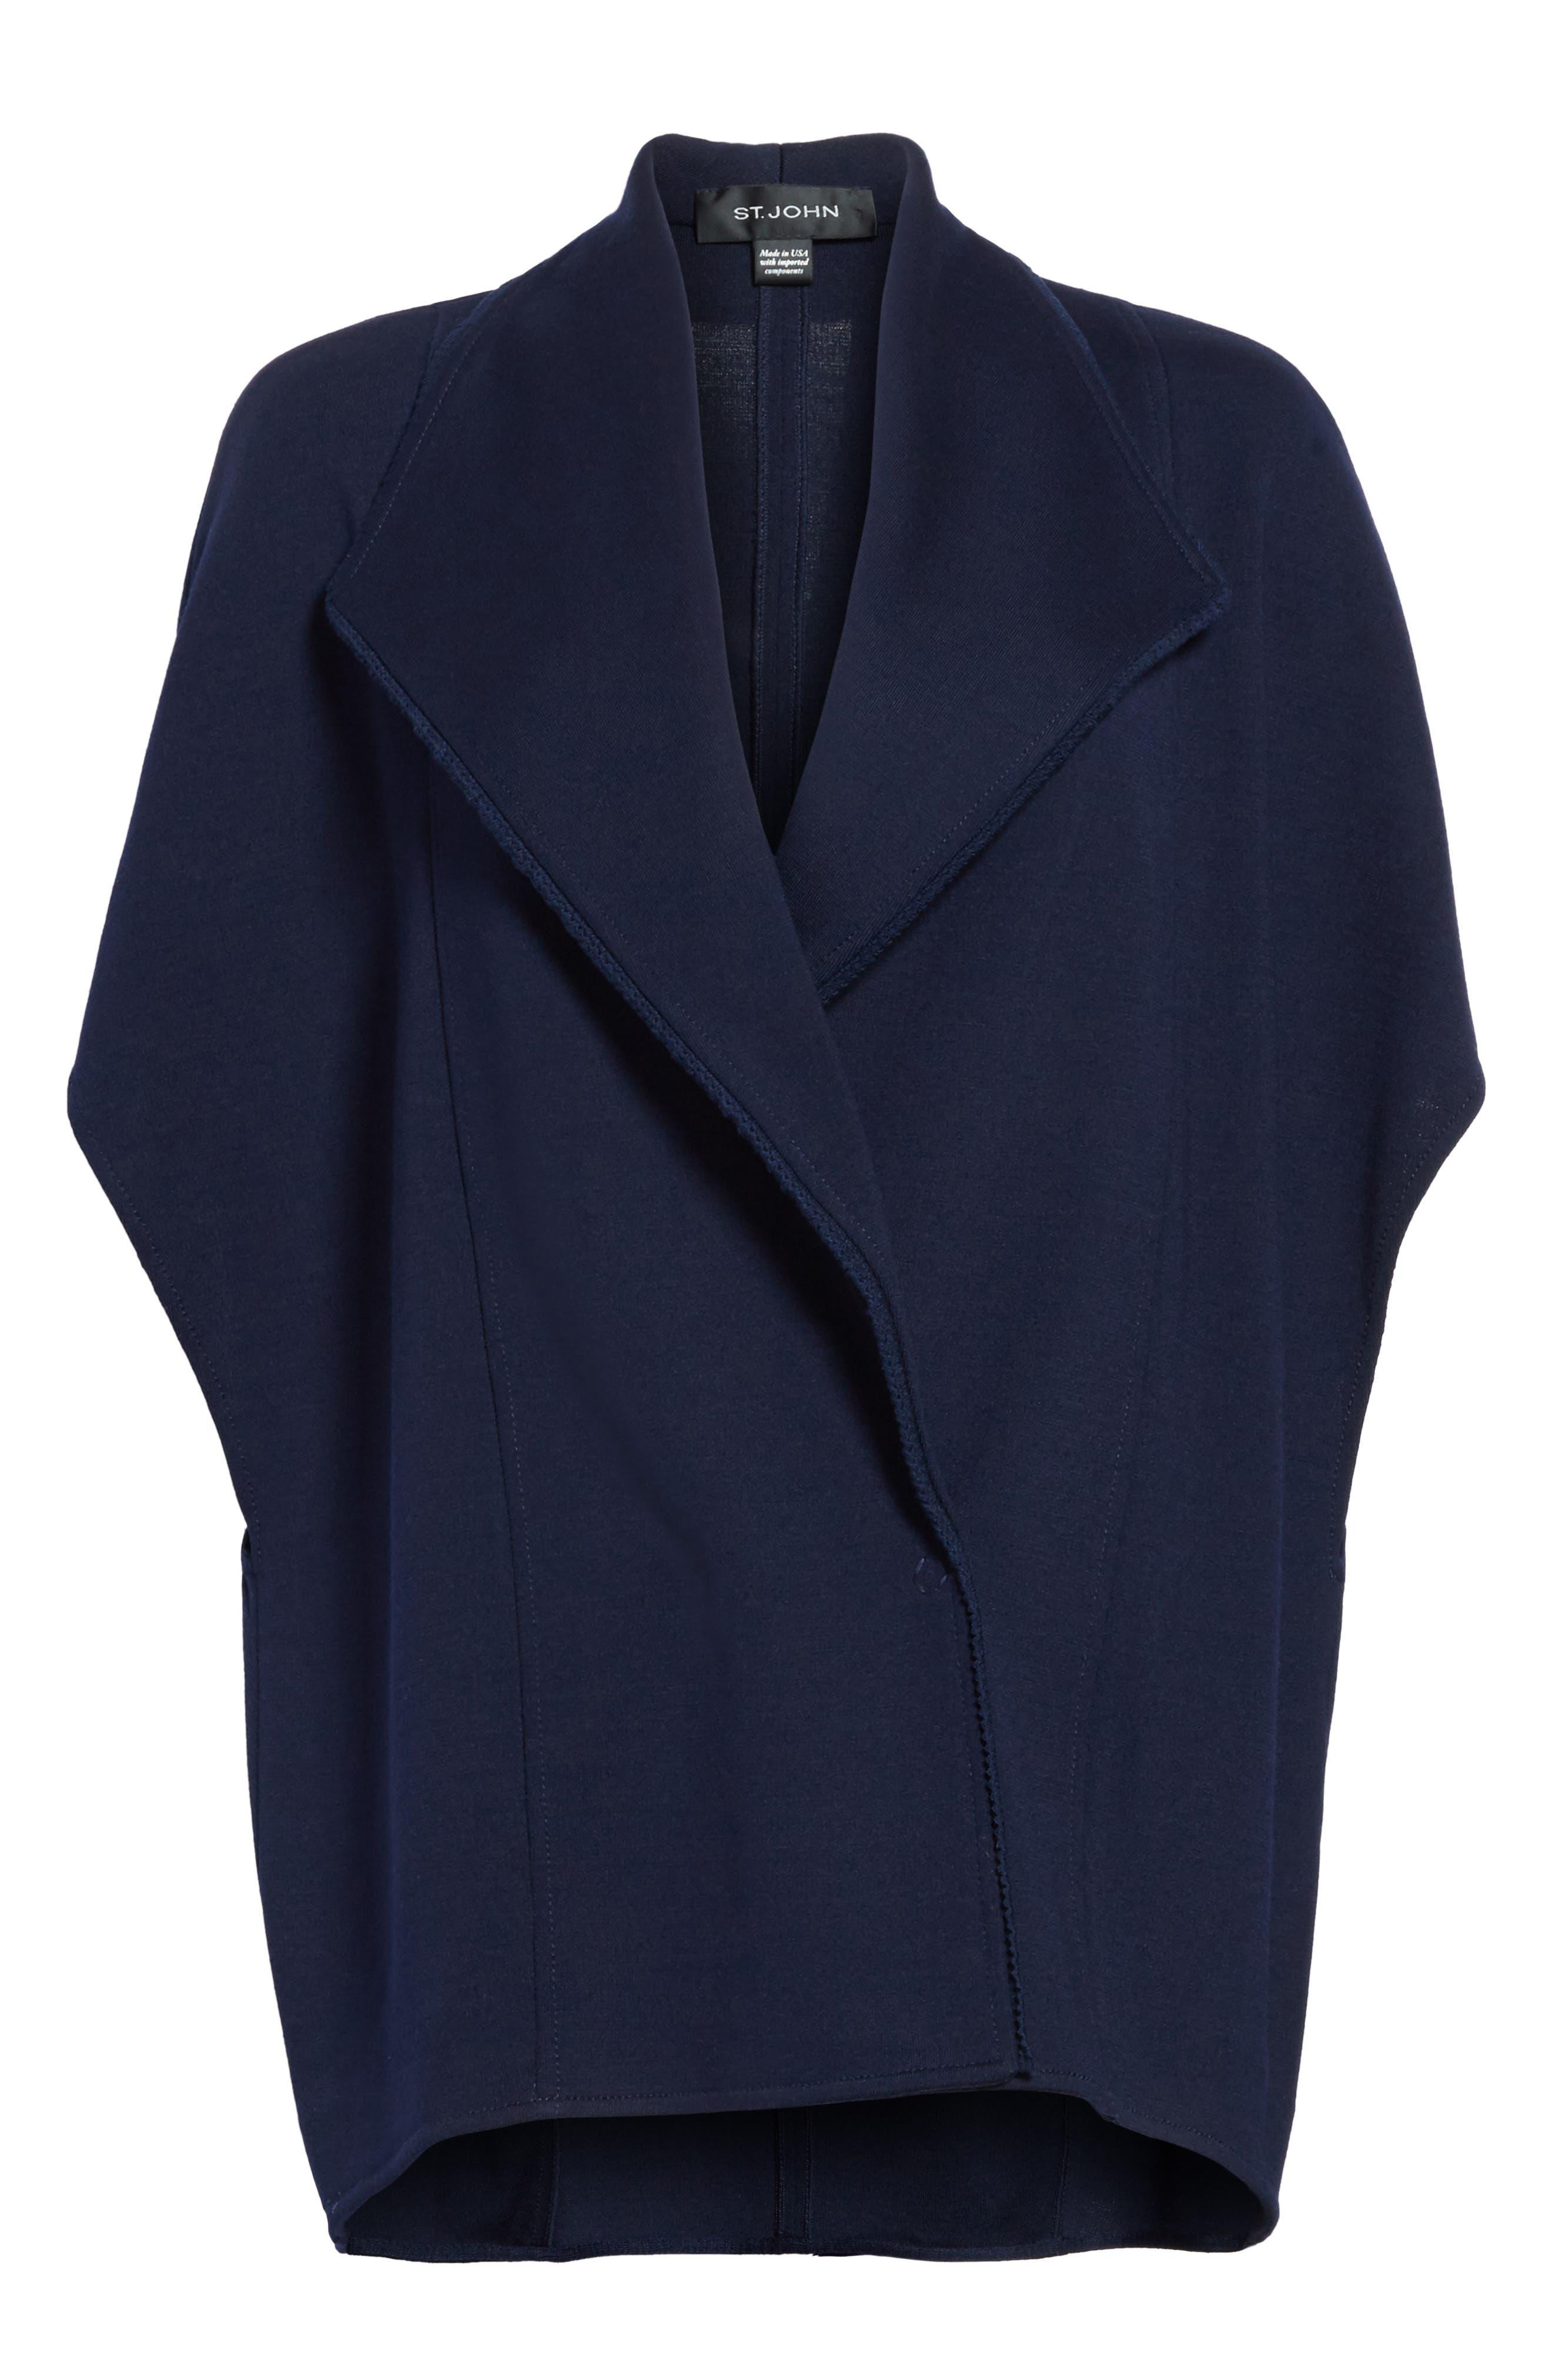 Circular Milano Knit Jacket,                             Alternate thumbnail 7, color,                             Navy